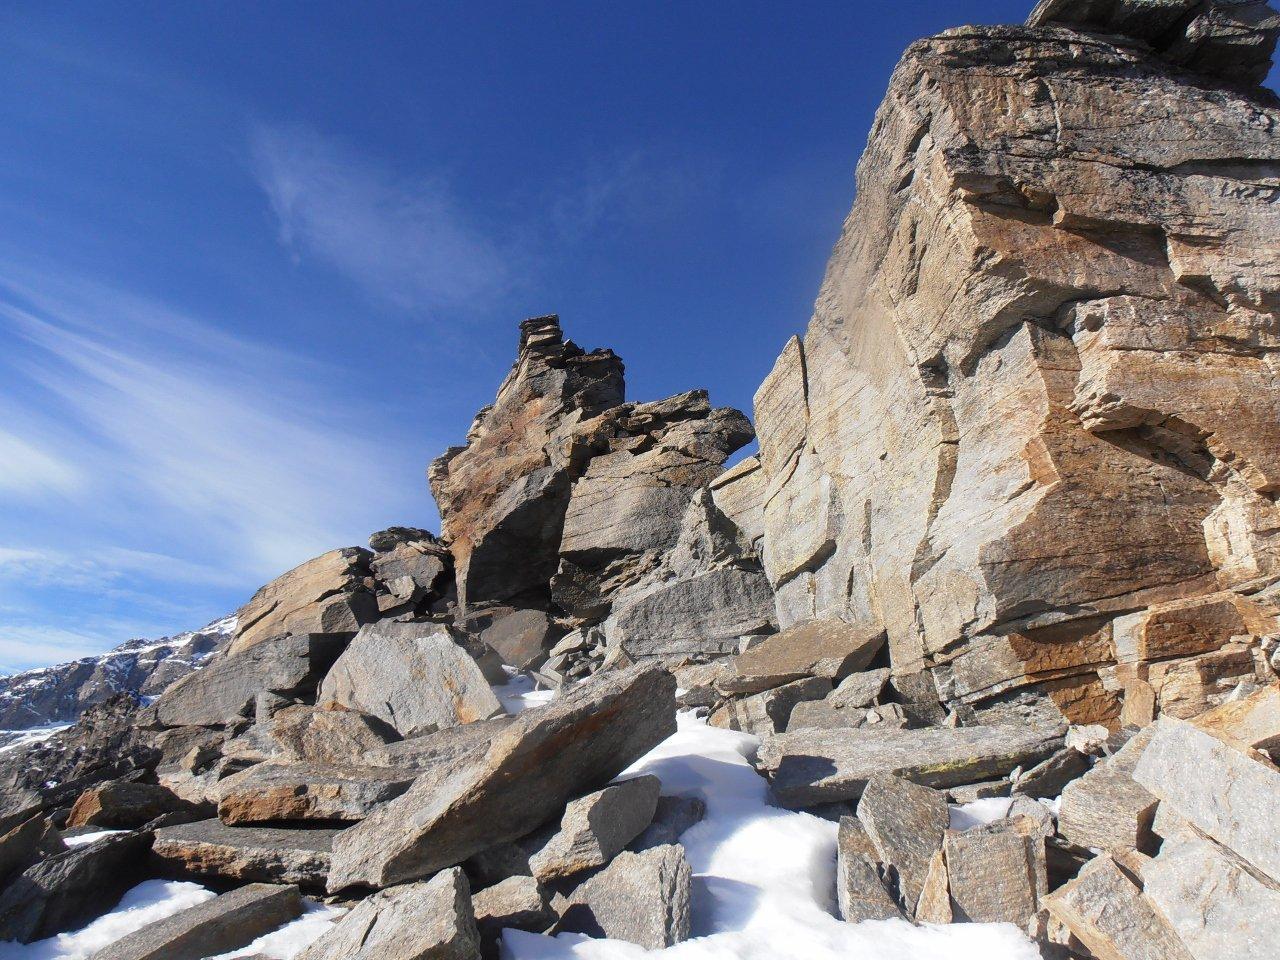 08 - sotto il castelletto roccioso della vetta